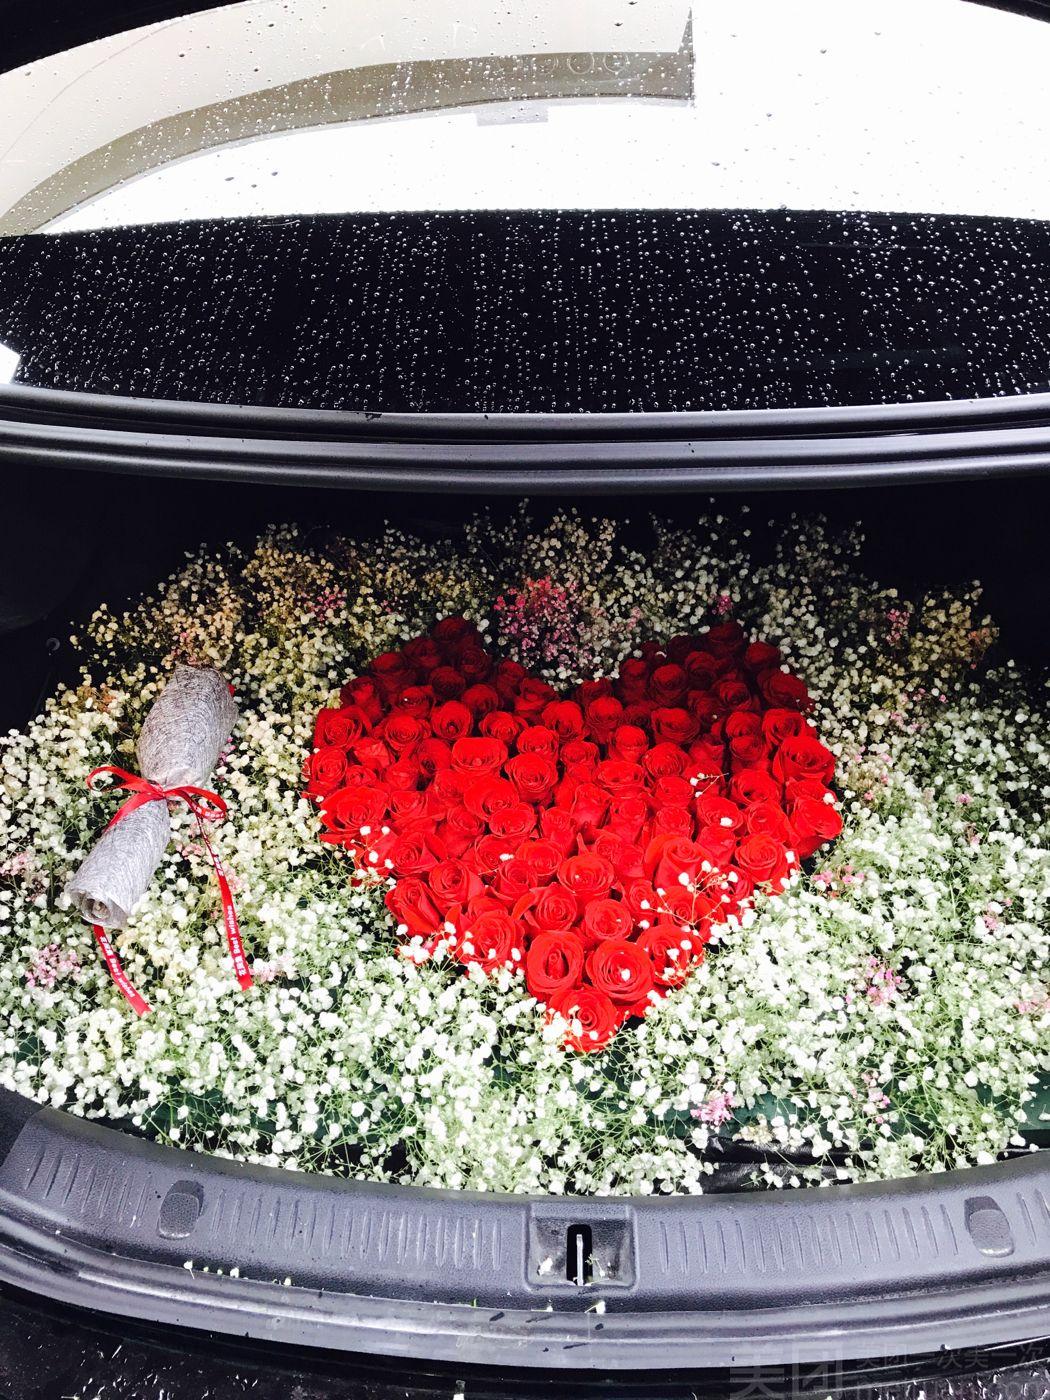 花间集怎么样_团购花间集-99支玫瑰满天星后备箱表白